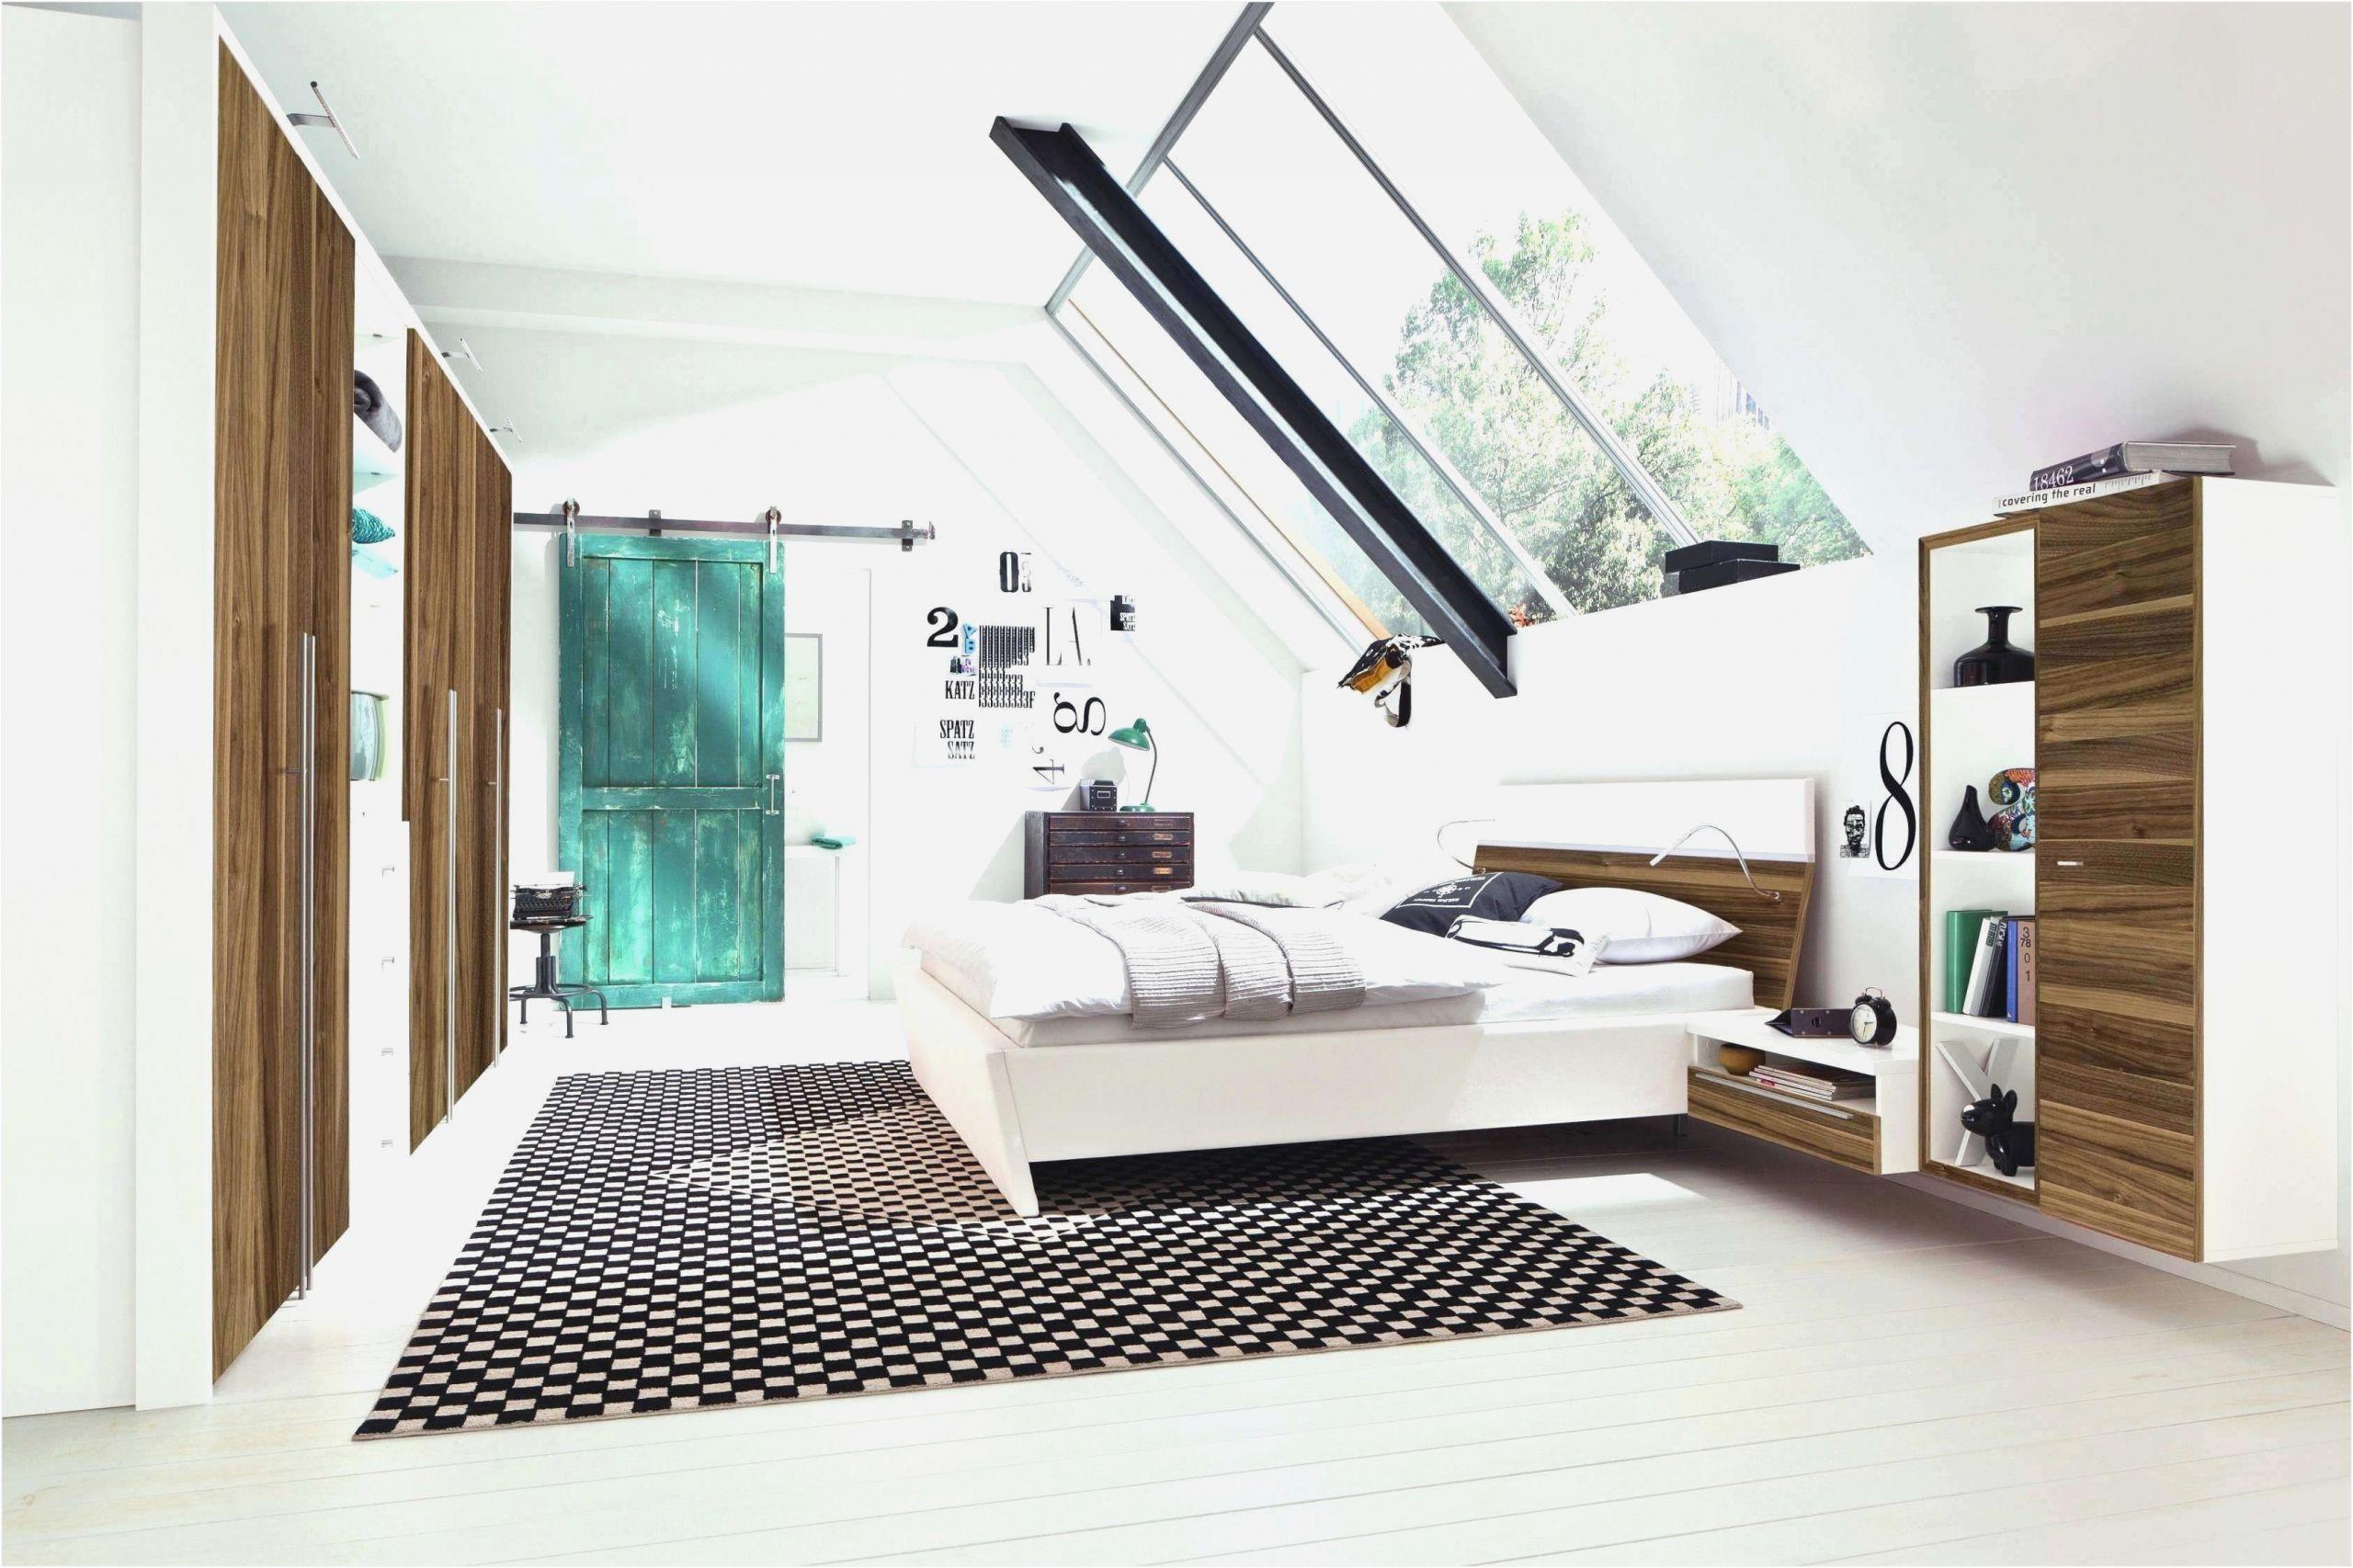 Fernseher Schlafzimmer Ideen Deko Schlafzimmer Wand Rund Schlafzimmer Traumhaus